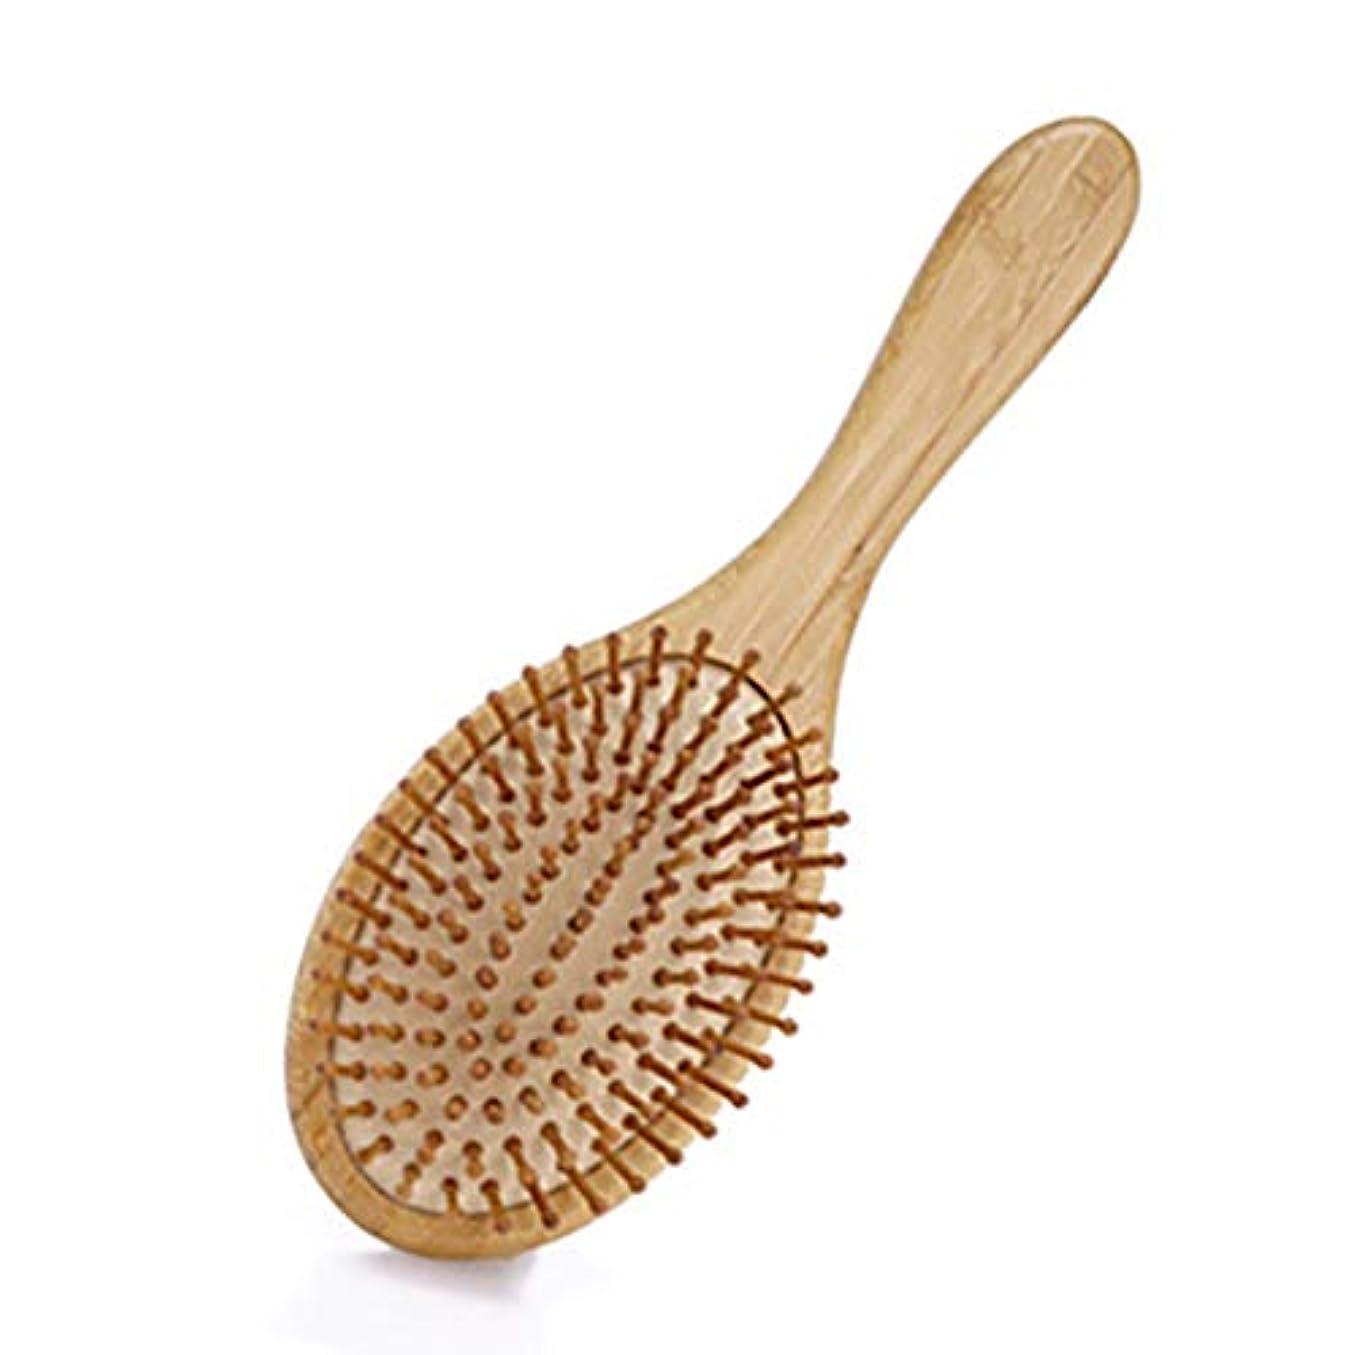 疎外メロンサバントMyths ヘアブラシ 竹製櫛 ヘアケア 頭皮マッサージ 静電気防止 パドルブラシ 美髪ケア 頭皮に優しい メンズ レディースに適用